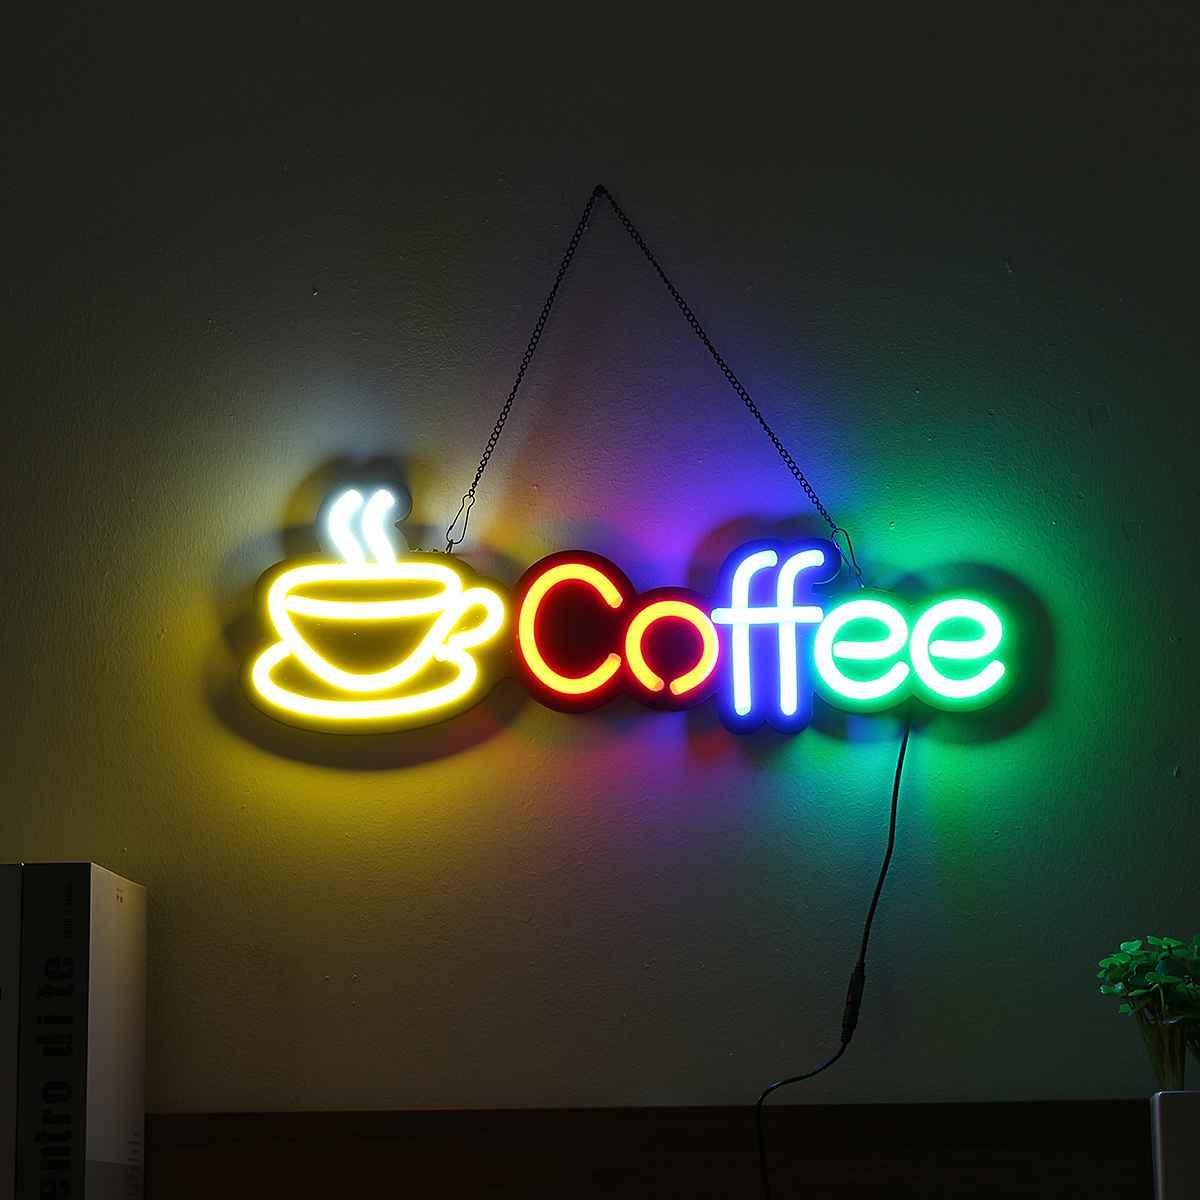 LED café néon signe lumière Tube Bar Club KTV décoration murale éclairage Commercial néon ampoules accrocher chaîne à la main illustration visuelle